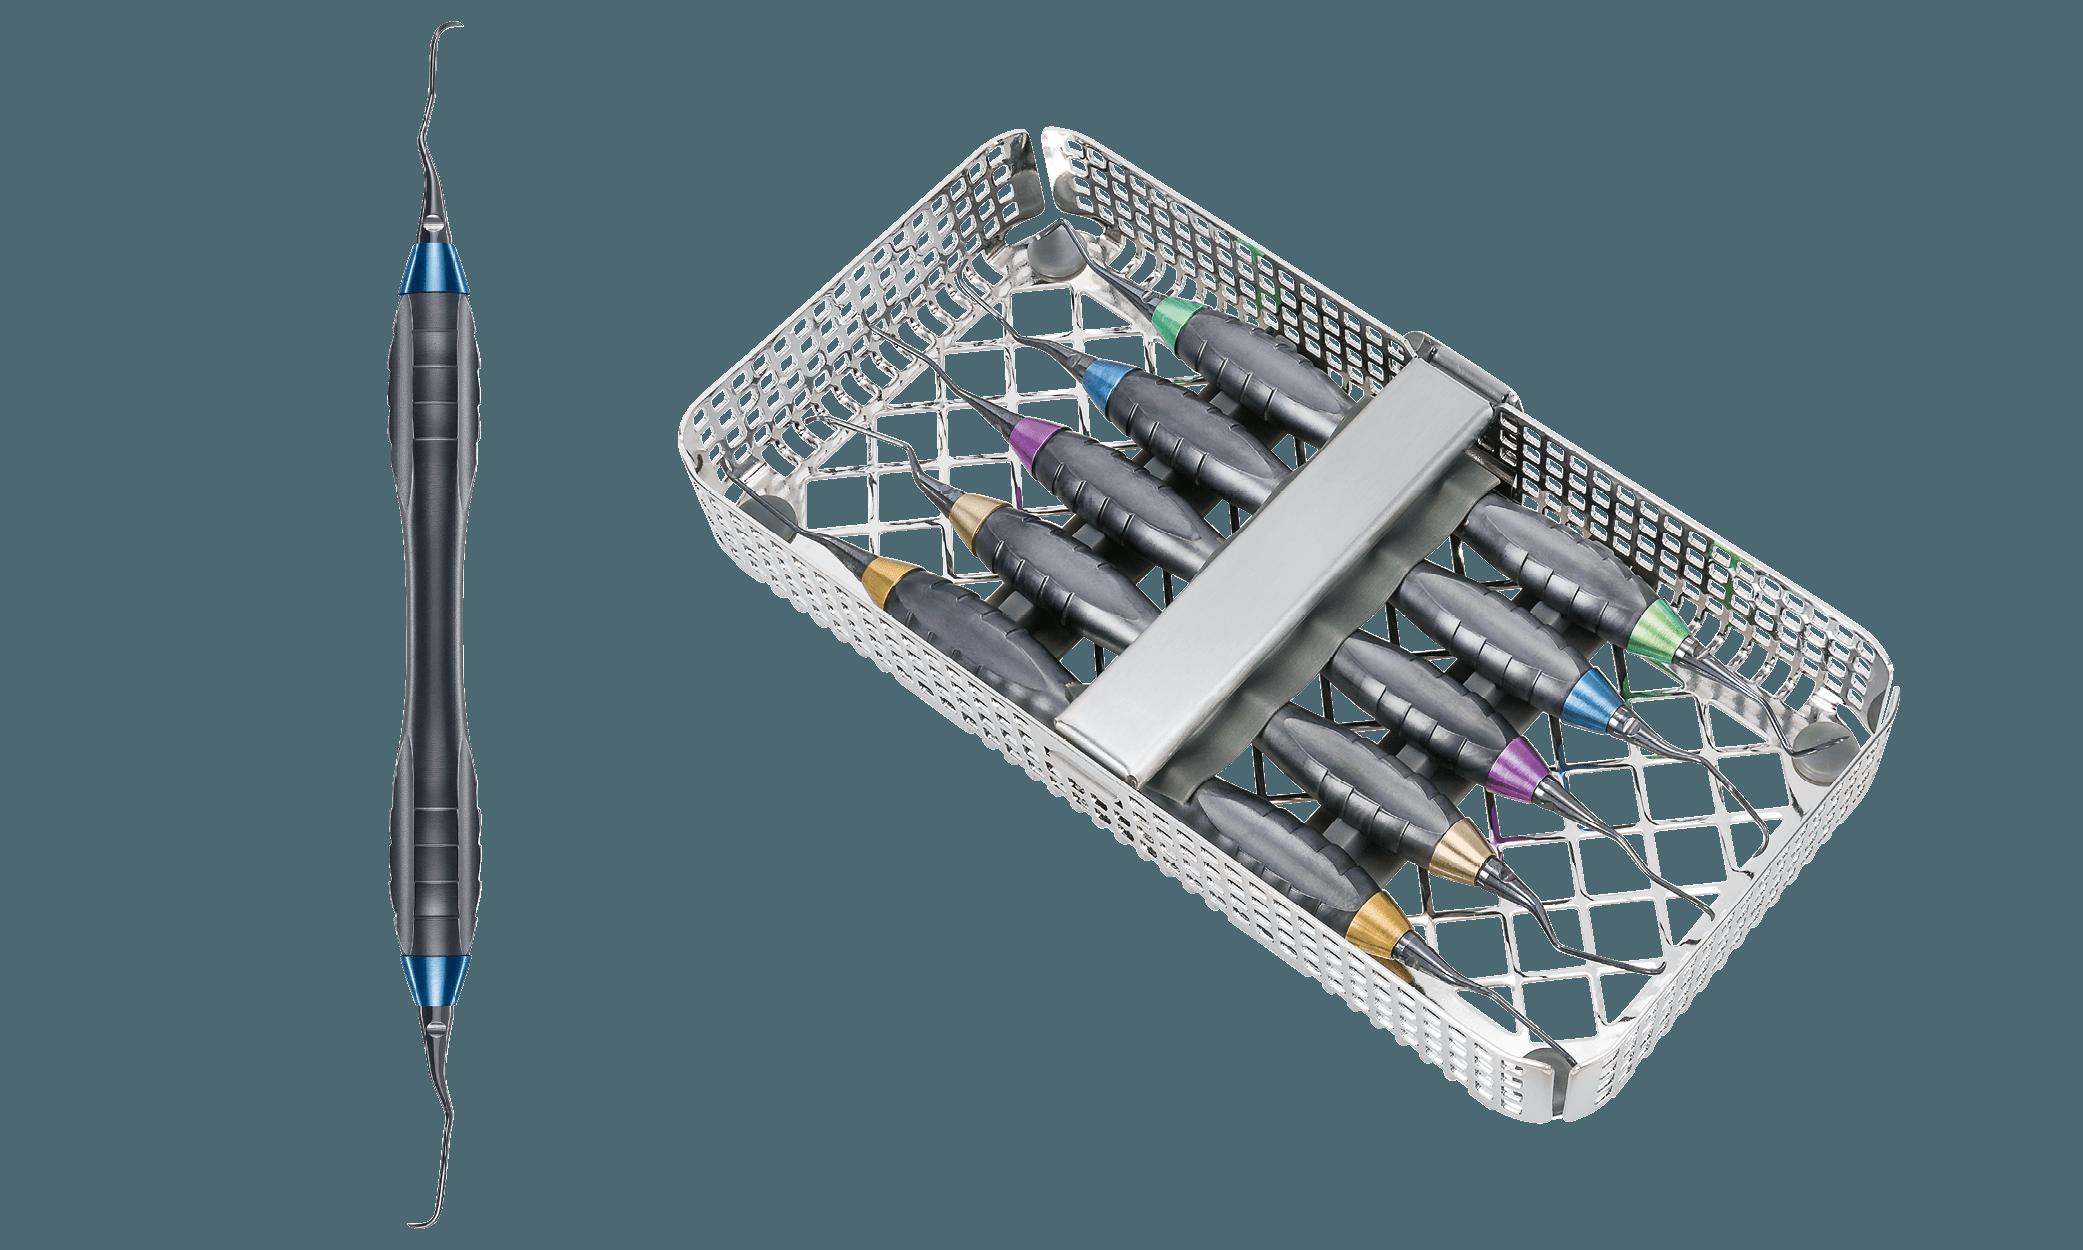 24.989.550OX cikkszámú 'M5 Deep Scaling' Prophylaxis Set univerzális Z-Shape nyelekkel (jobbra), valamint a szett egyik eszköze (balra)